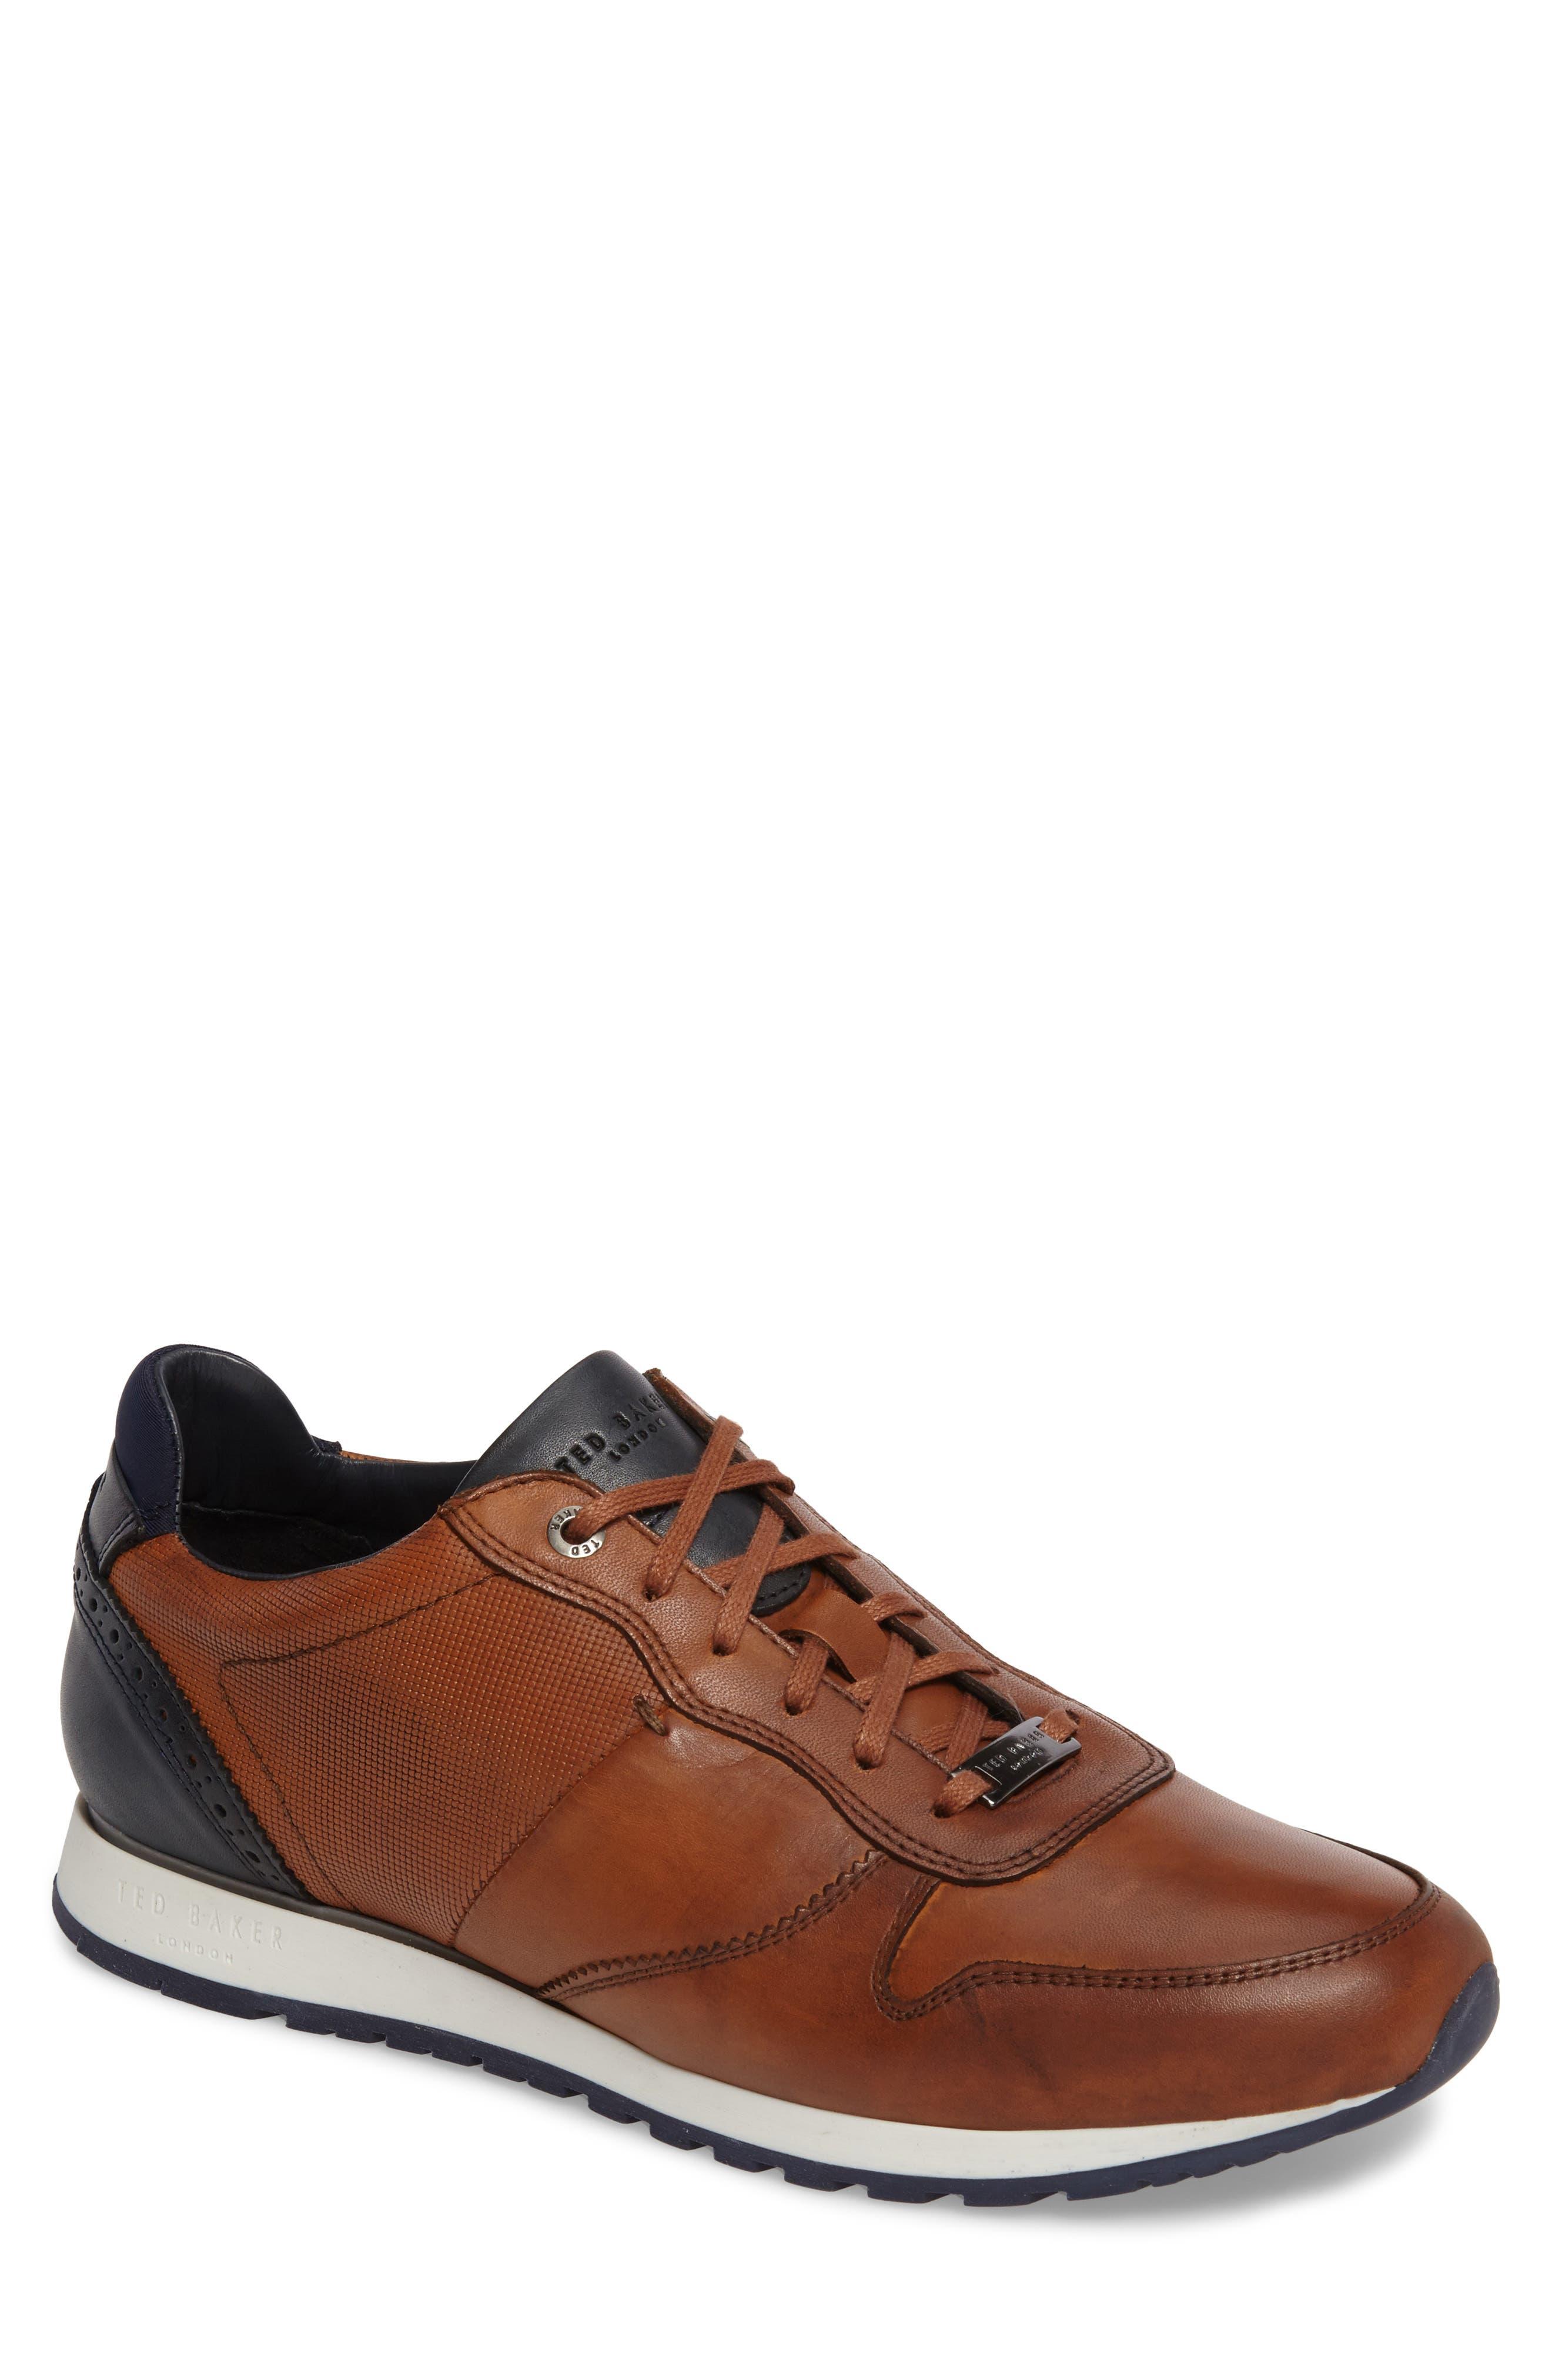 Alternate Image 1 Selected - Ted Baker London Shindl Sneaker (Men)